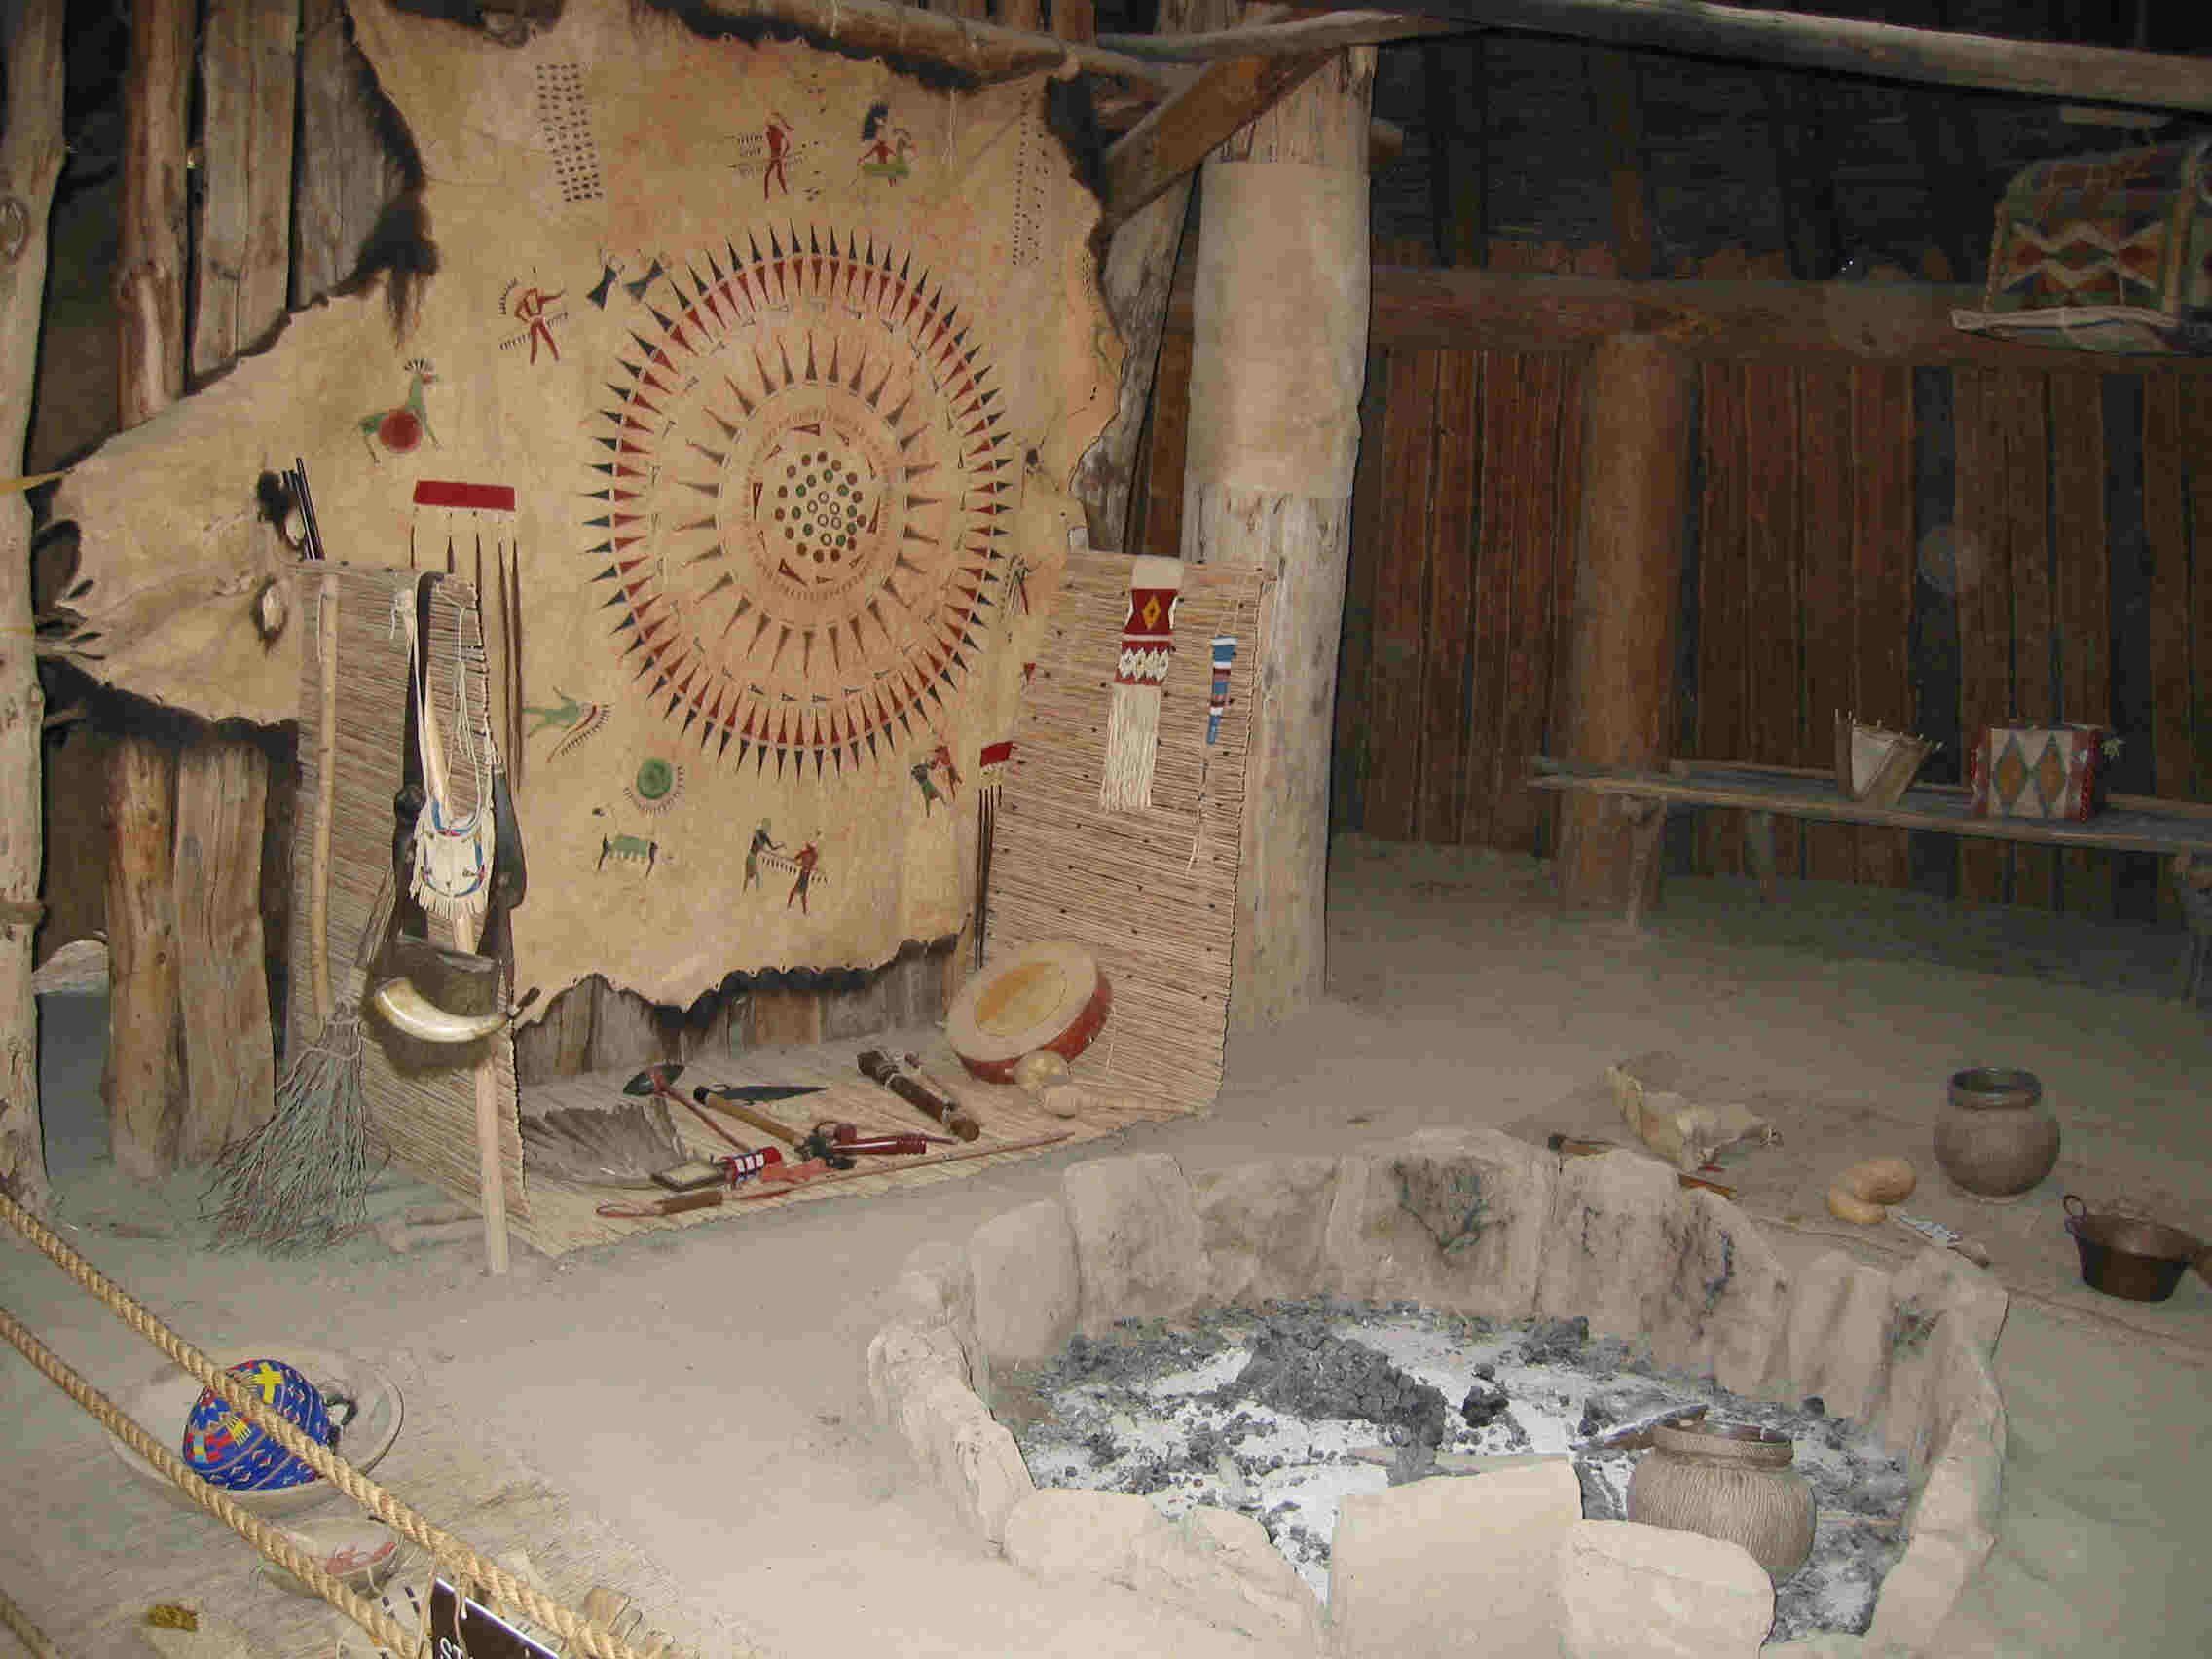 http://www.trailsandtreasures.com/images/North%20Dakota/Knife%20River%20Indian%20Villages/169-6953_IMG.JPG